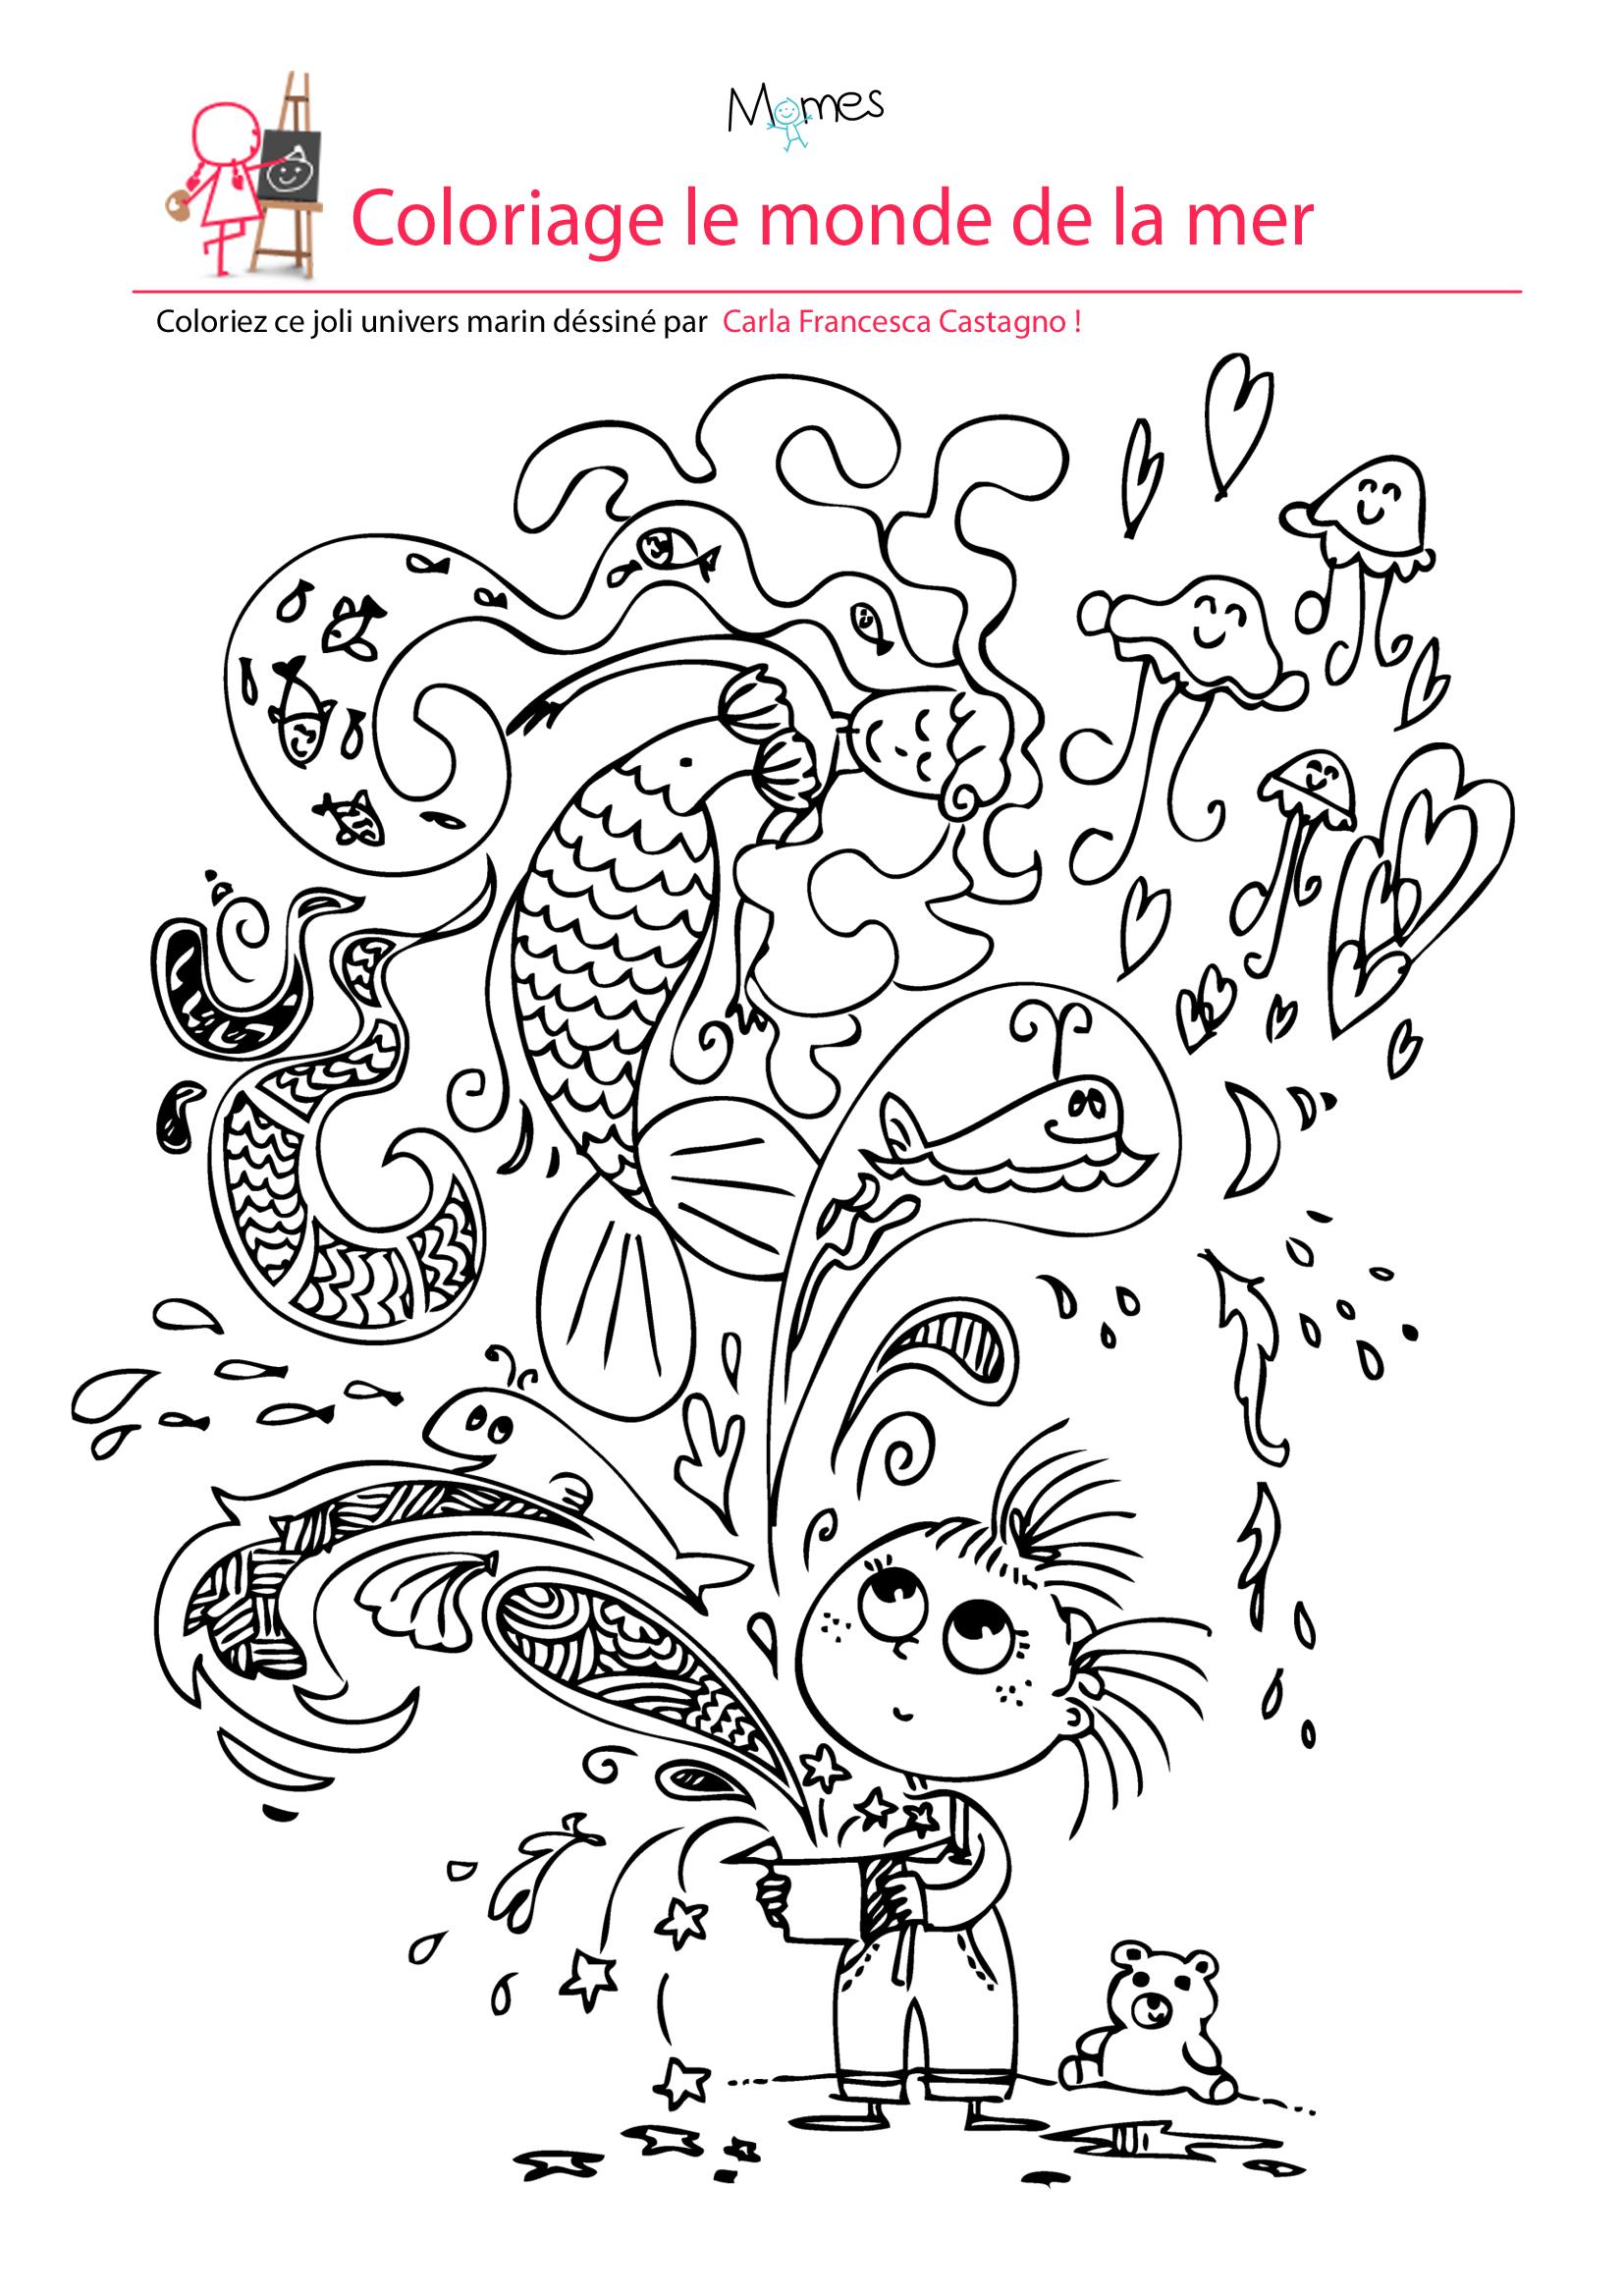 Coloriage le monde de la mer à imprimer